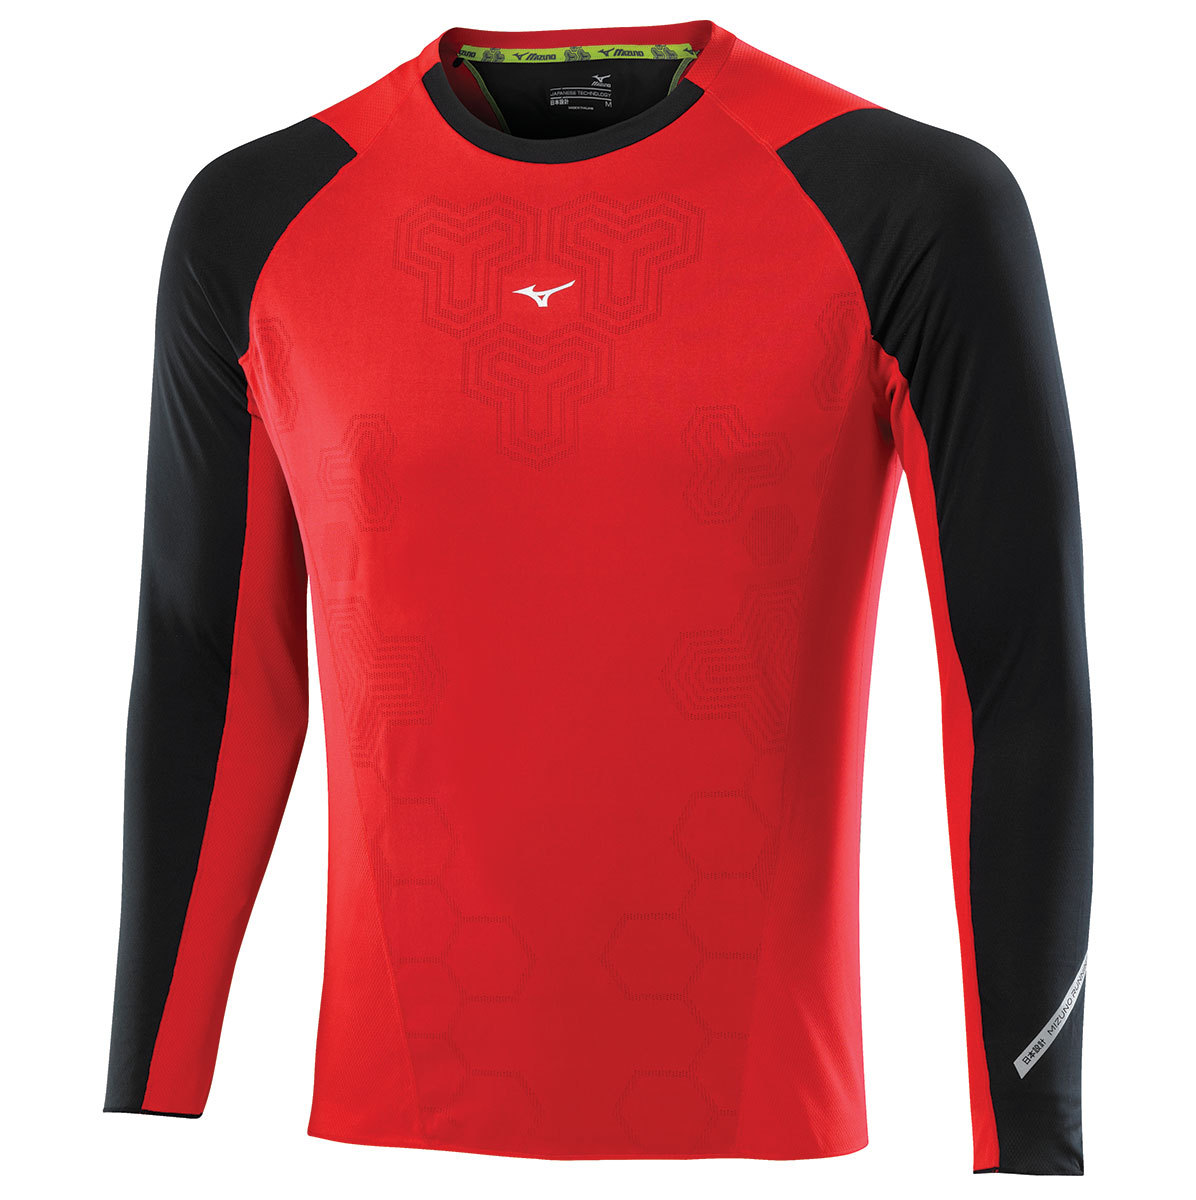 Рубашка беговая Mizuno DryLite Premium LS Tee (67SP360 62) мужская